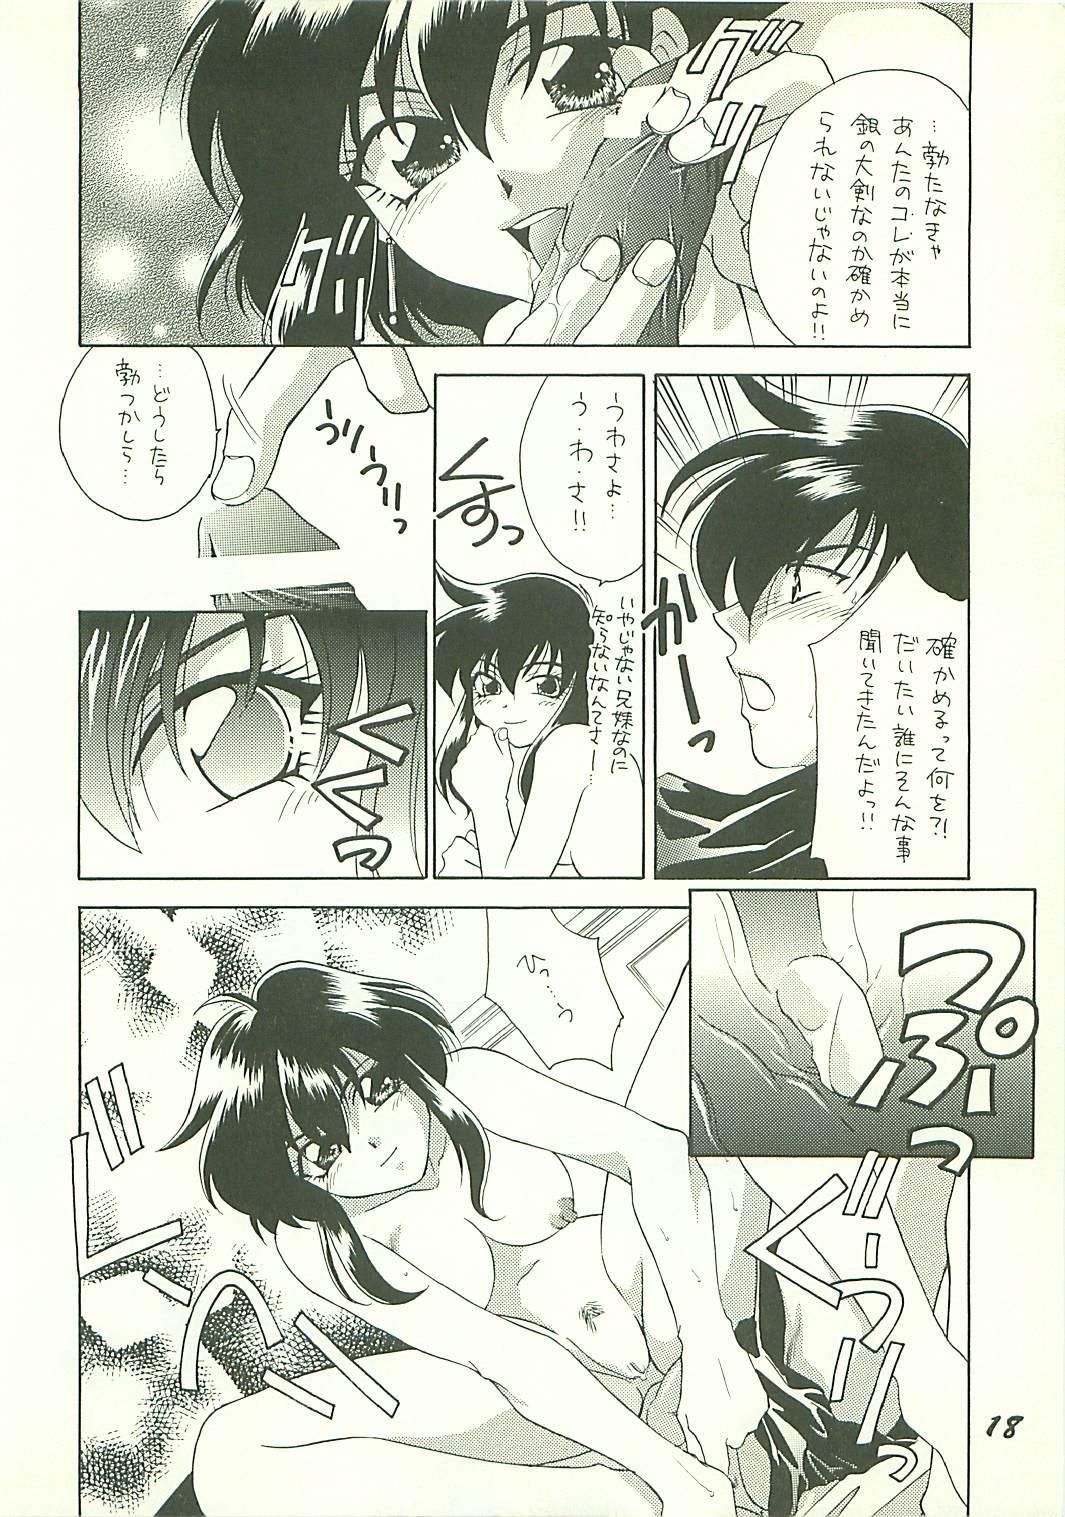 Seisen no keifu 3 17